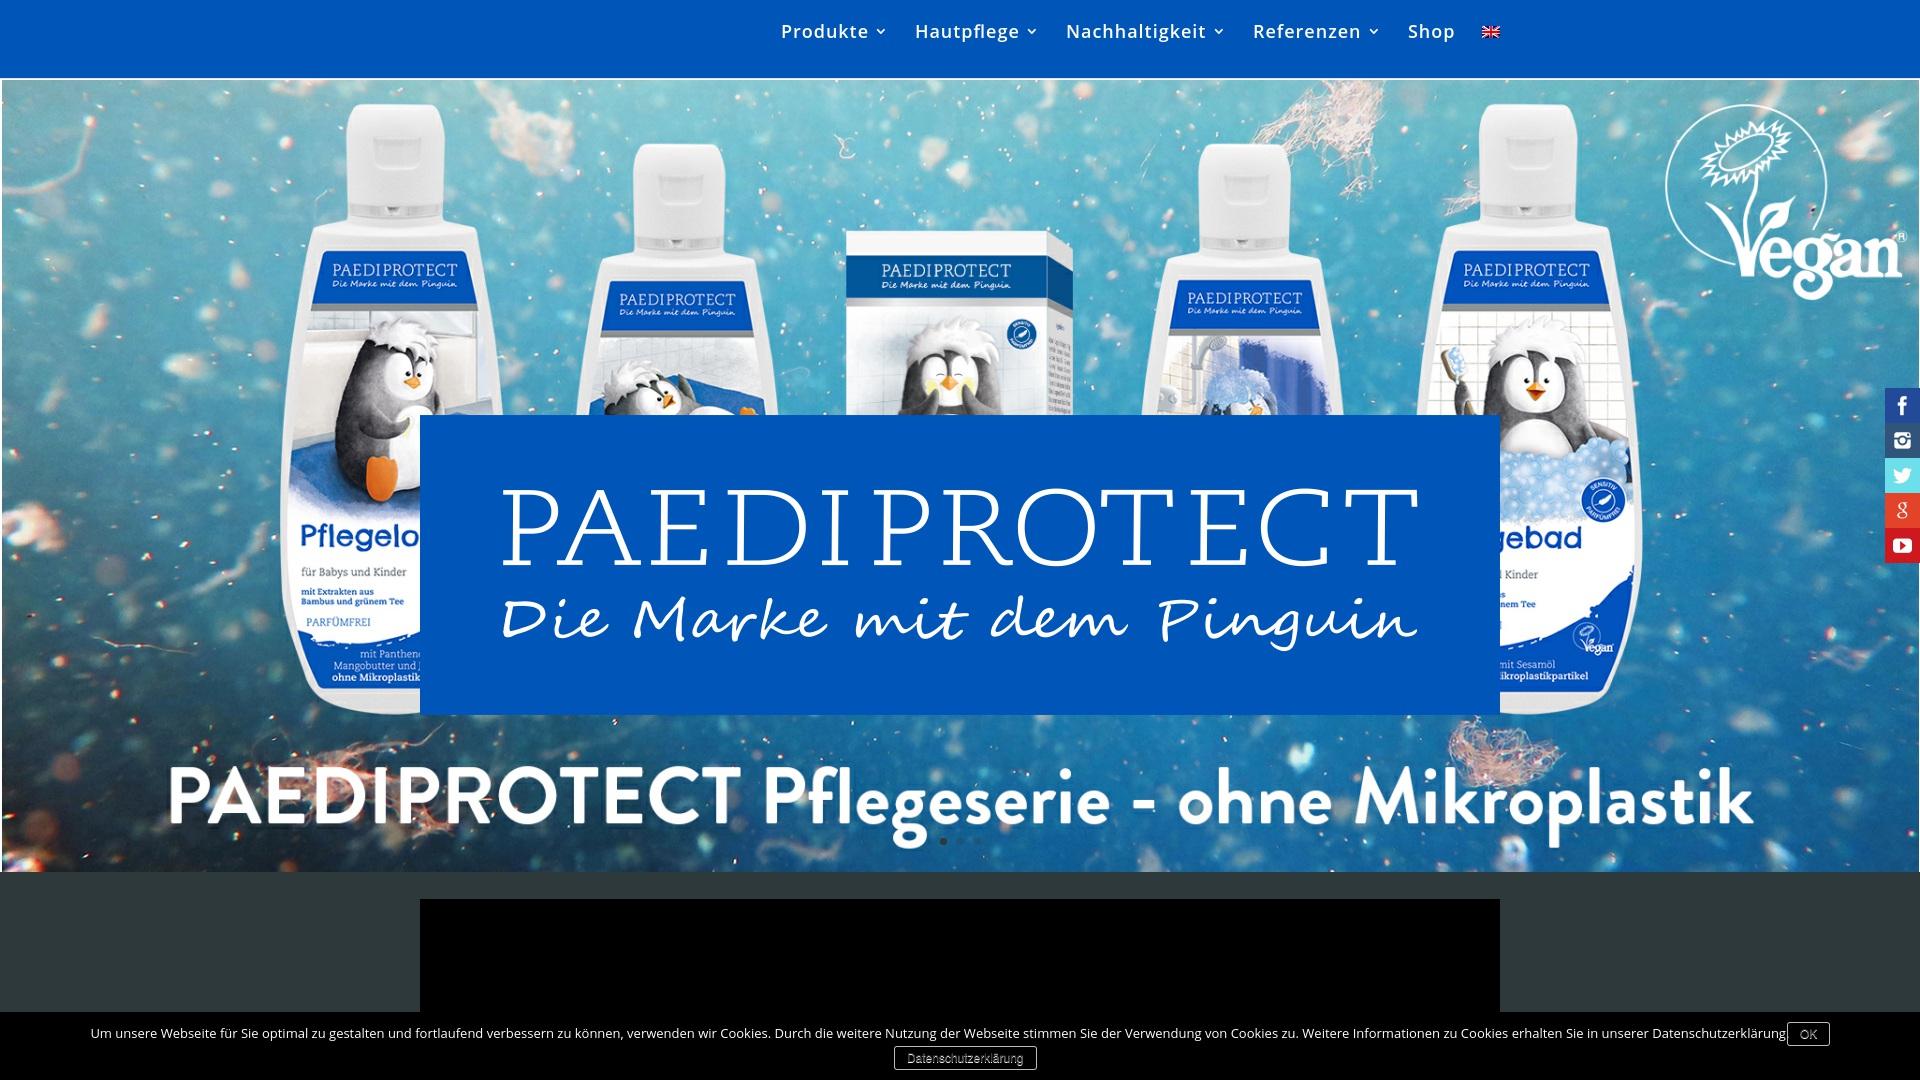 Gutschein für Paediprotect: Rabatte für  Paediprotect sichern